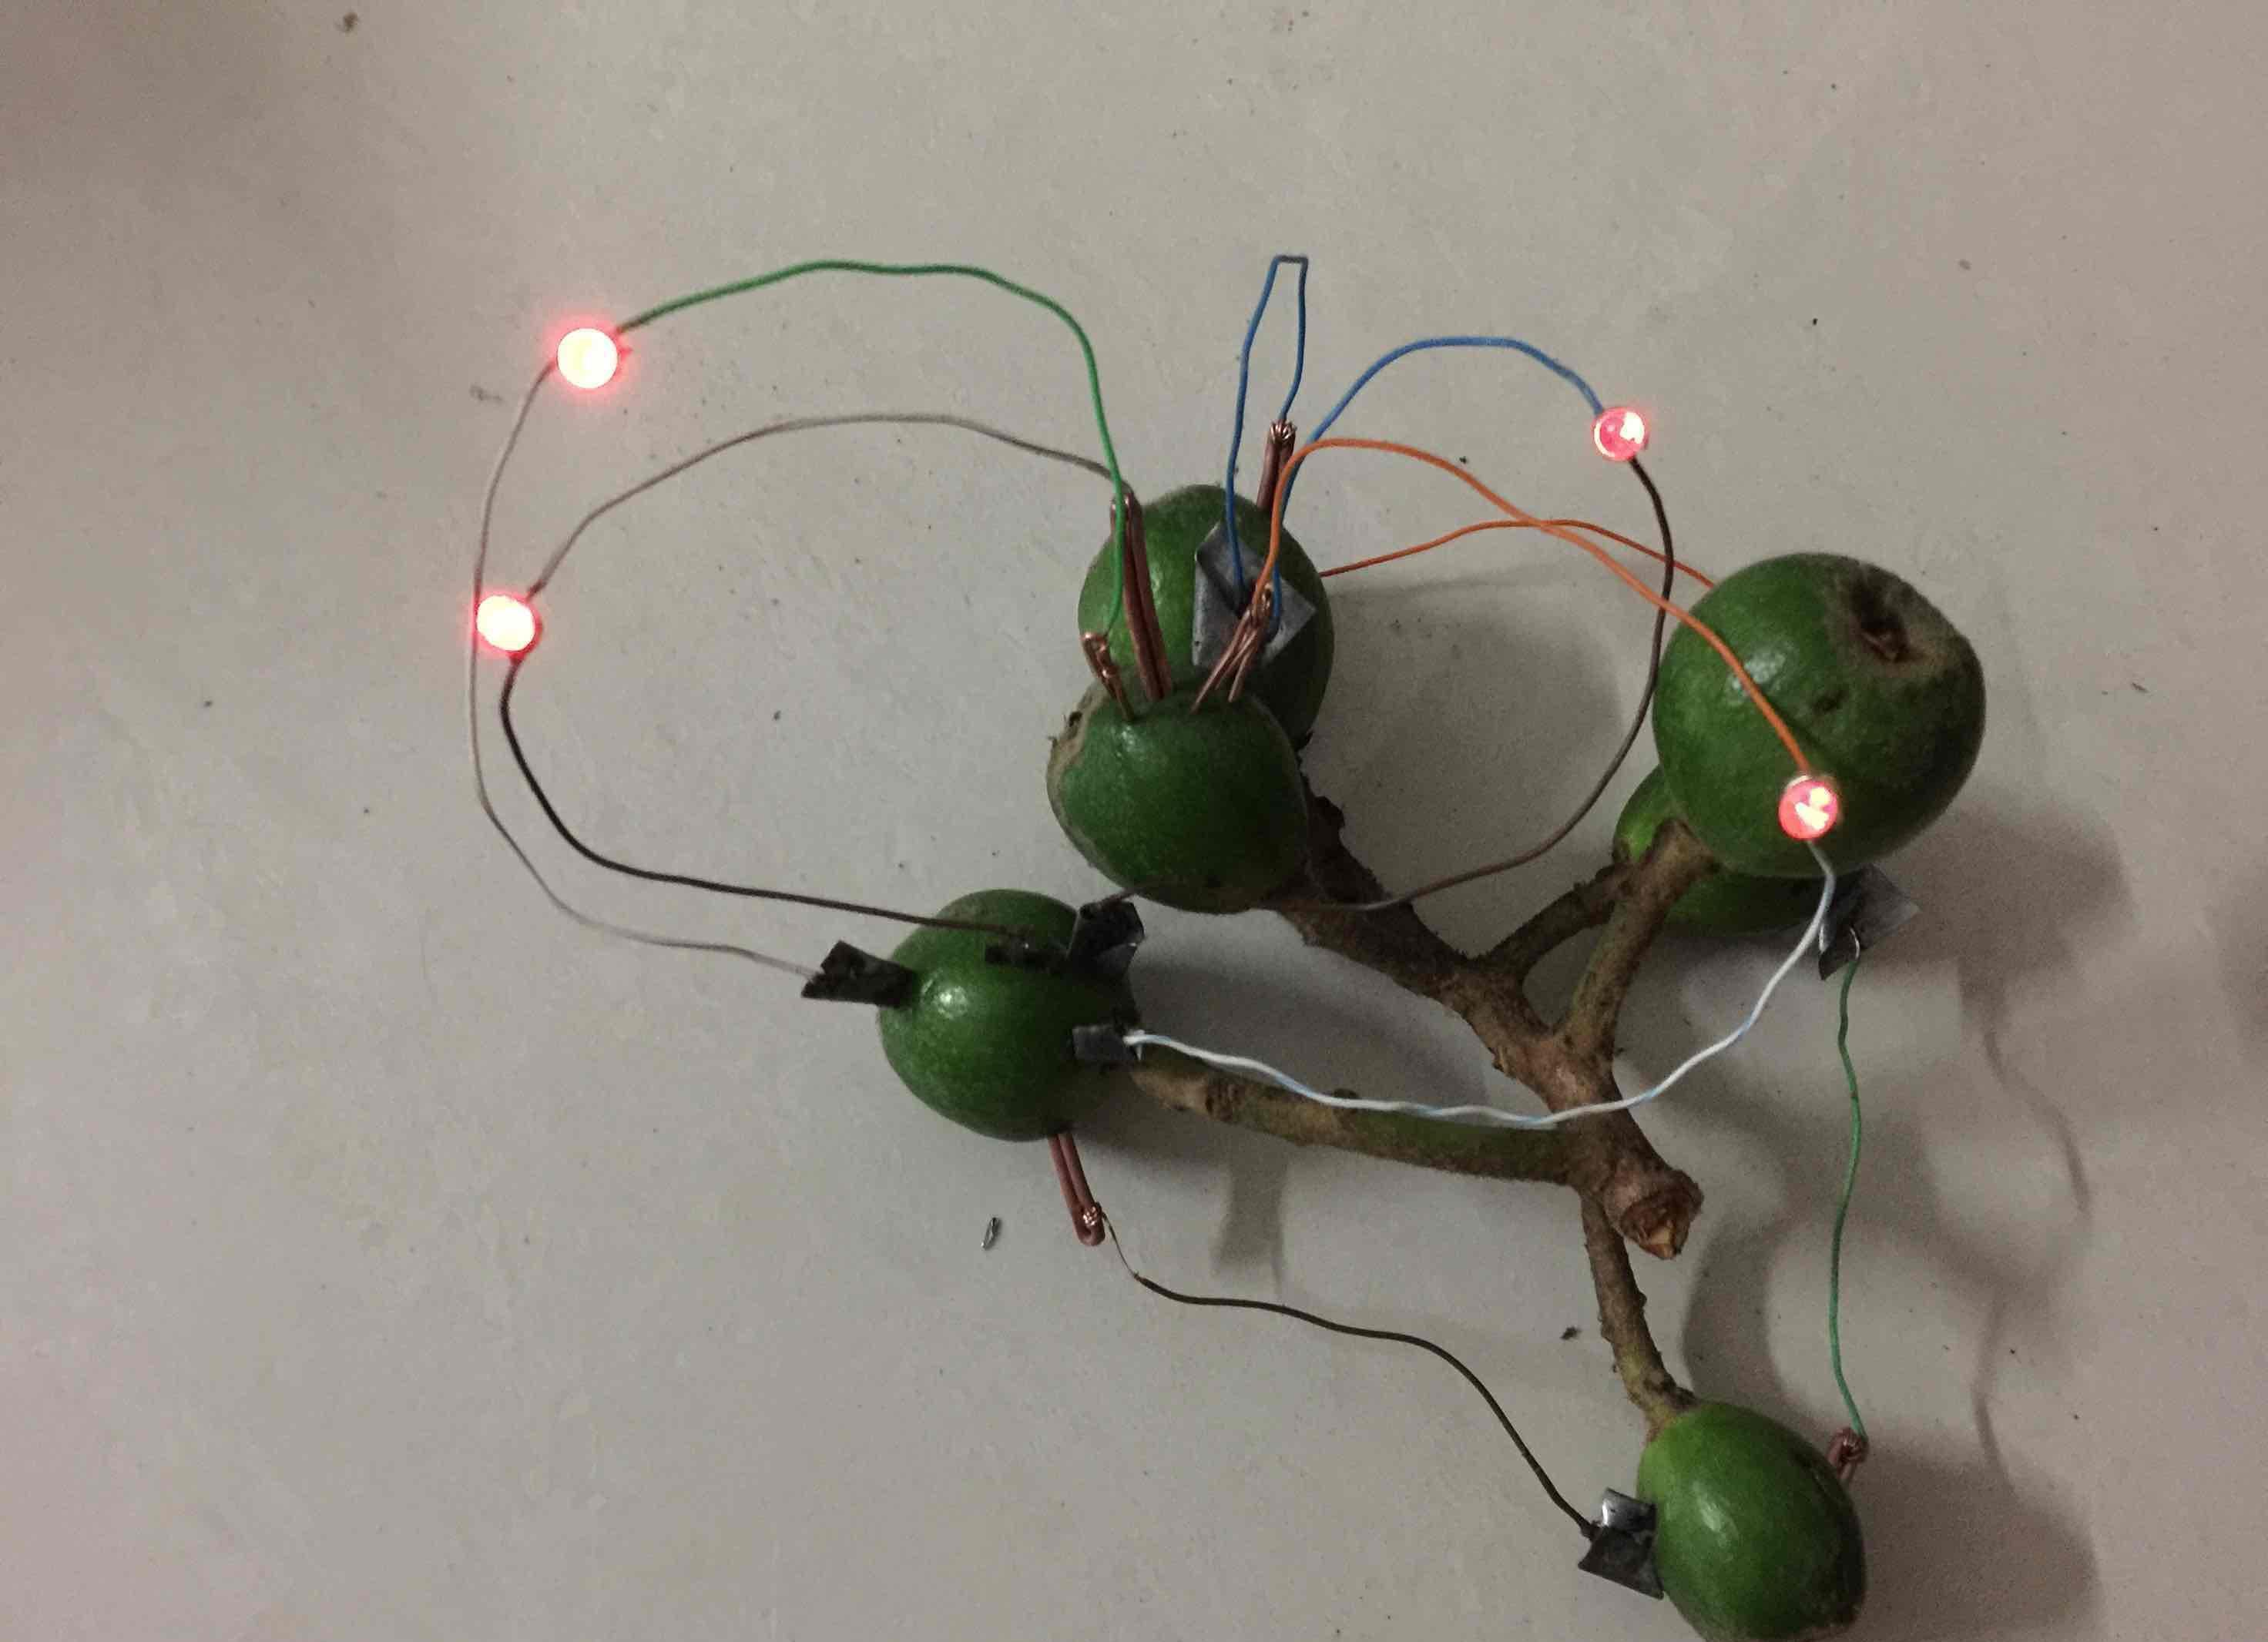 有趣的实验,昨天培儿子搞的水果电池,一串串未成熟的枇杷果,即然点亮